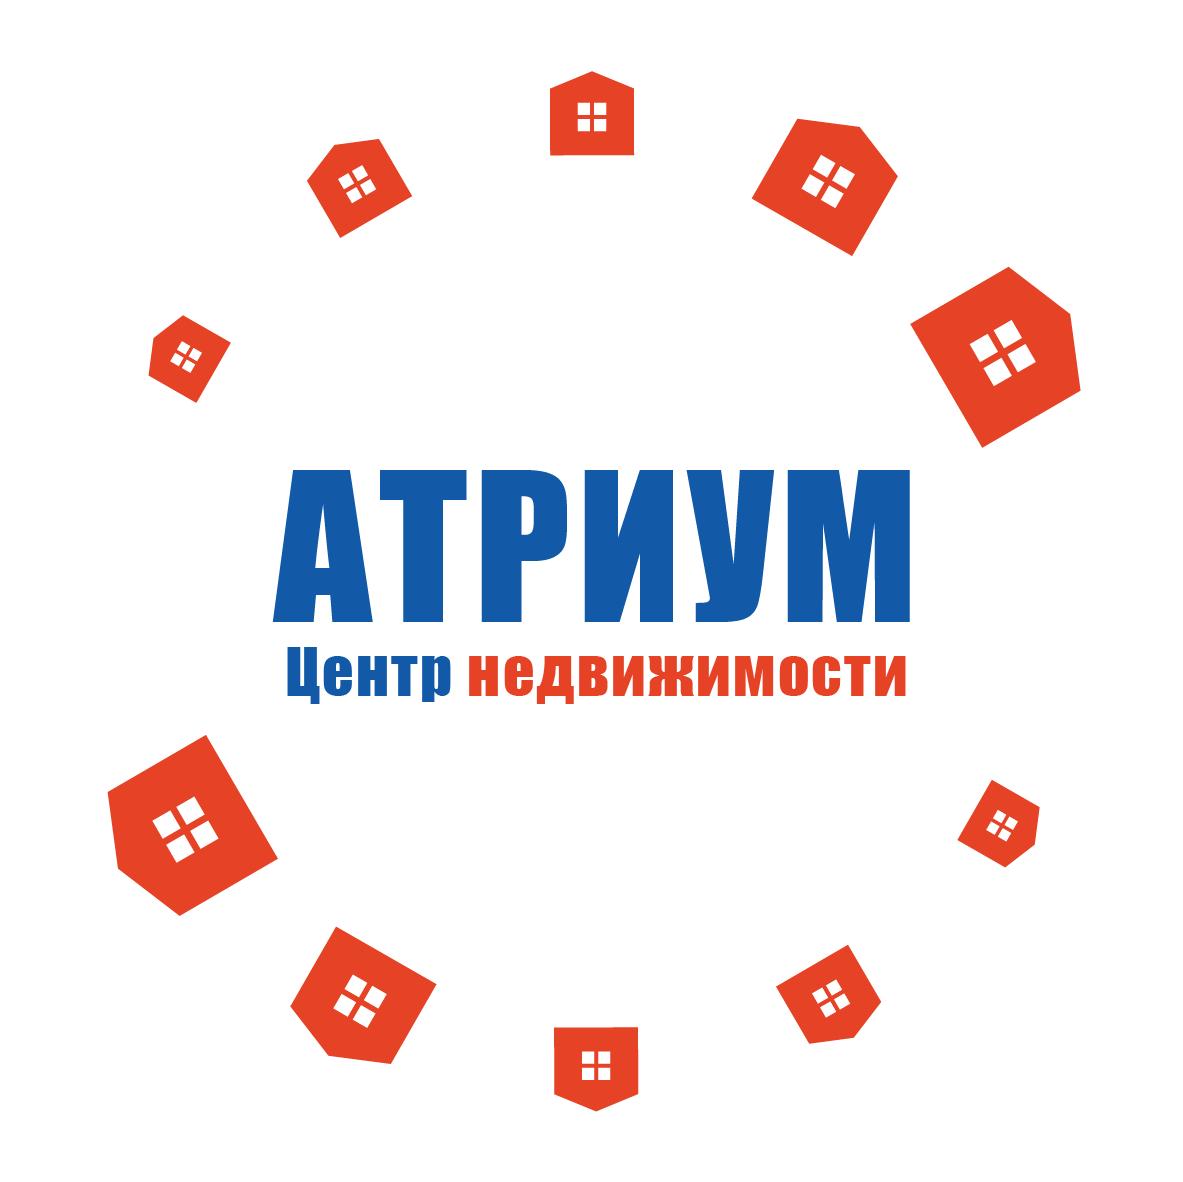 Редизайн / модернизация логотипа Центра недвижимости фото f_4625bc07023d1a63.png